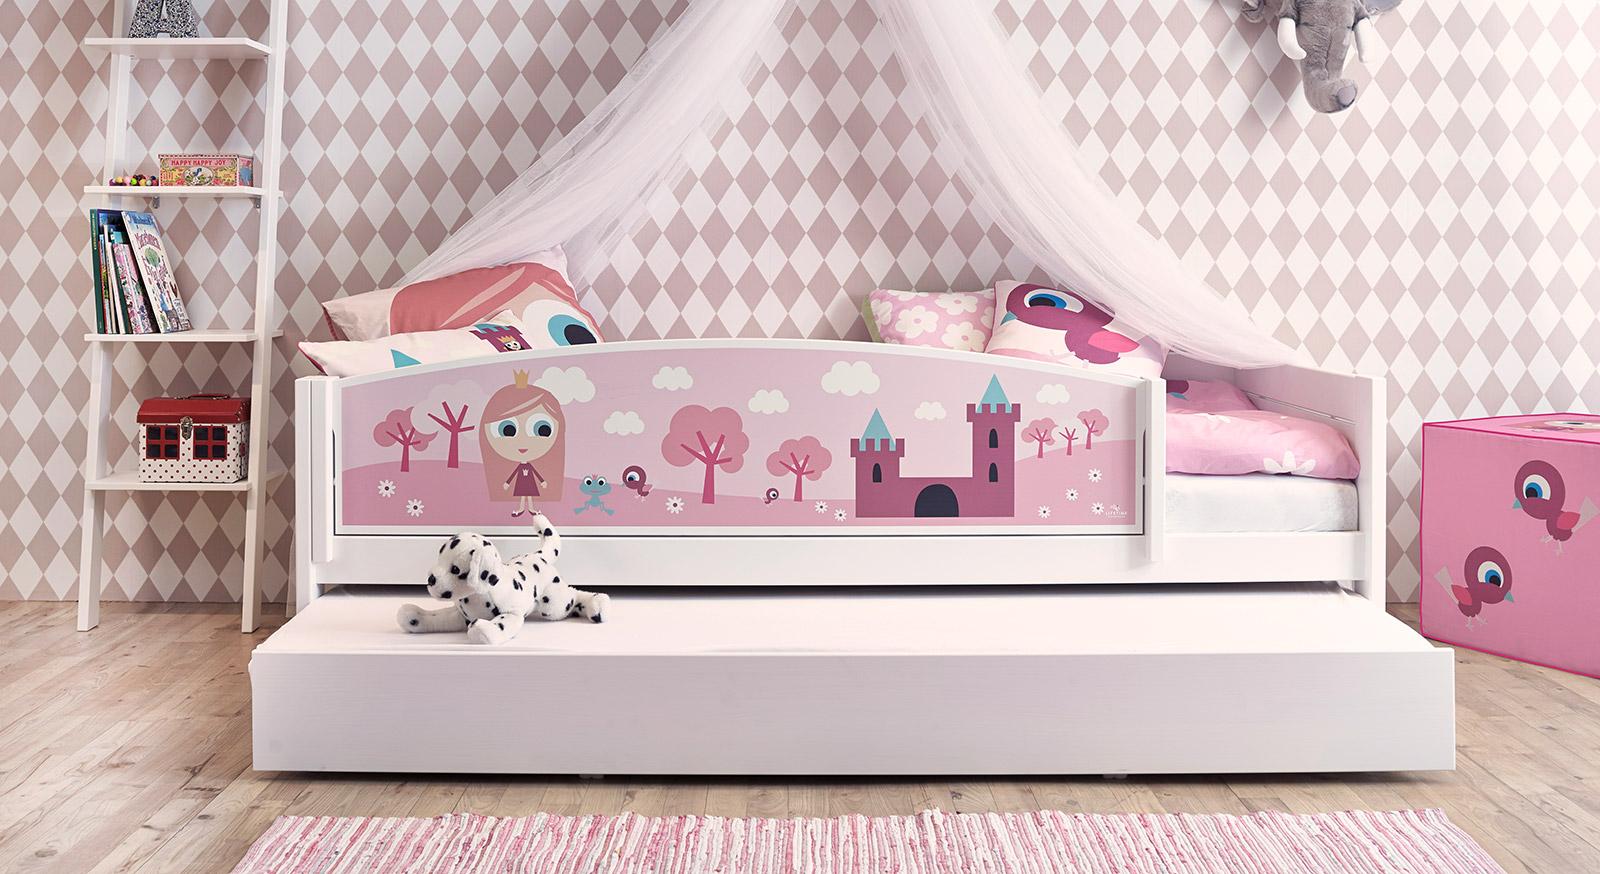 Kinderbett f r kleine prinzessinnen lifetime prinzessin - Kinderzimmer komplett ab 2 jahren ...